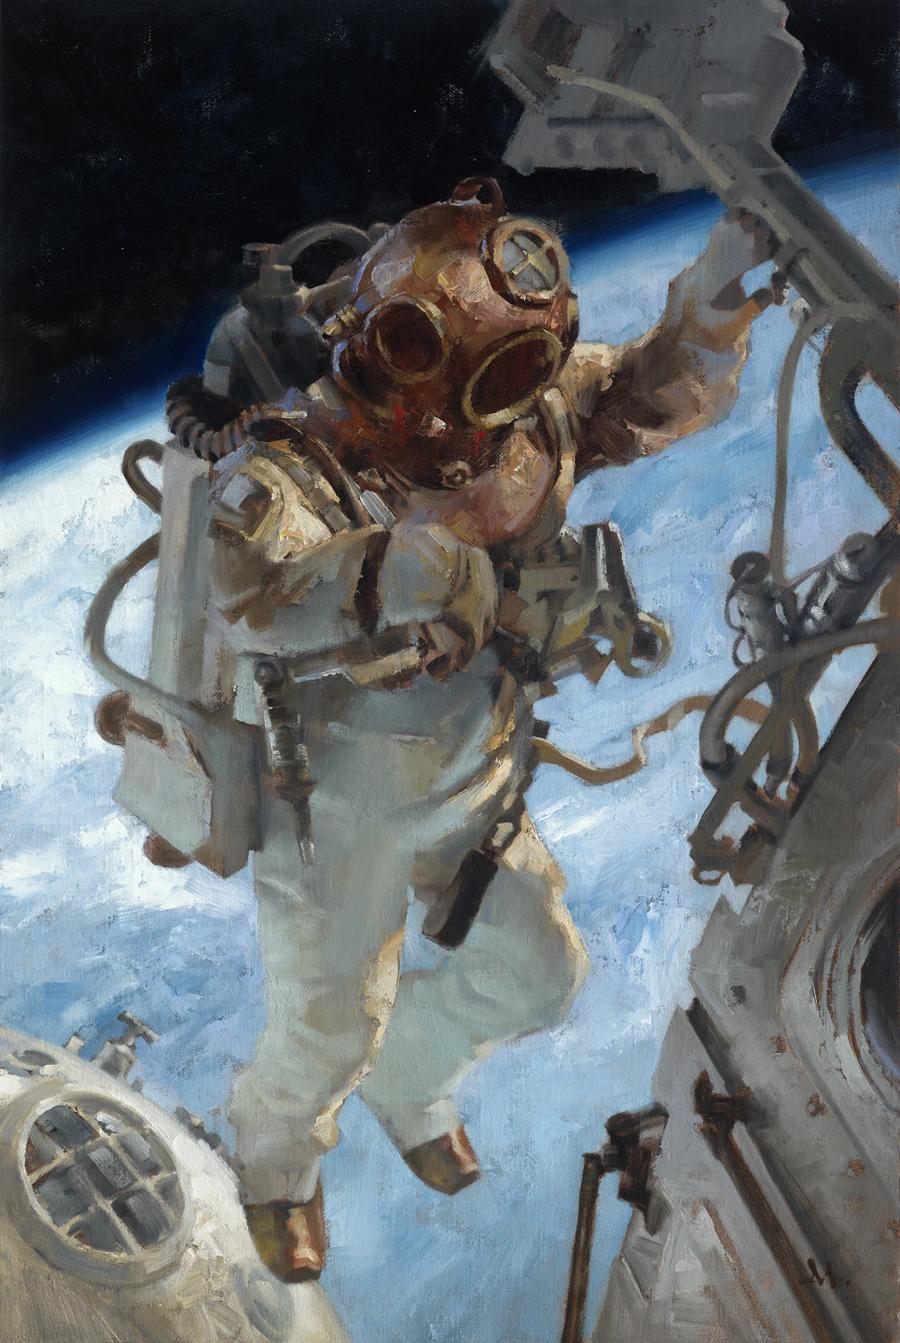 Space Station Repair, 1925